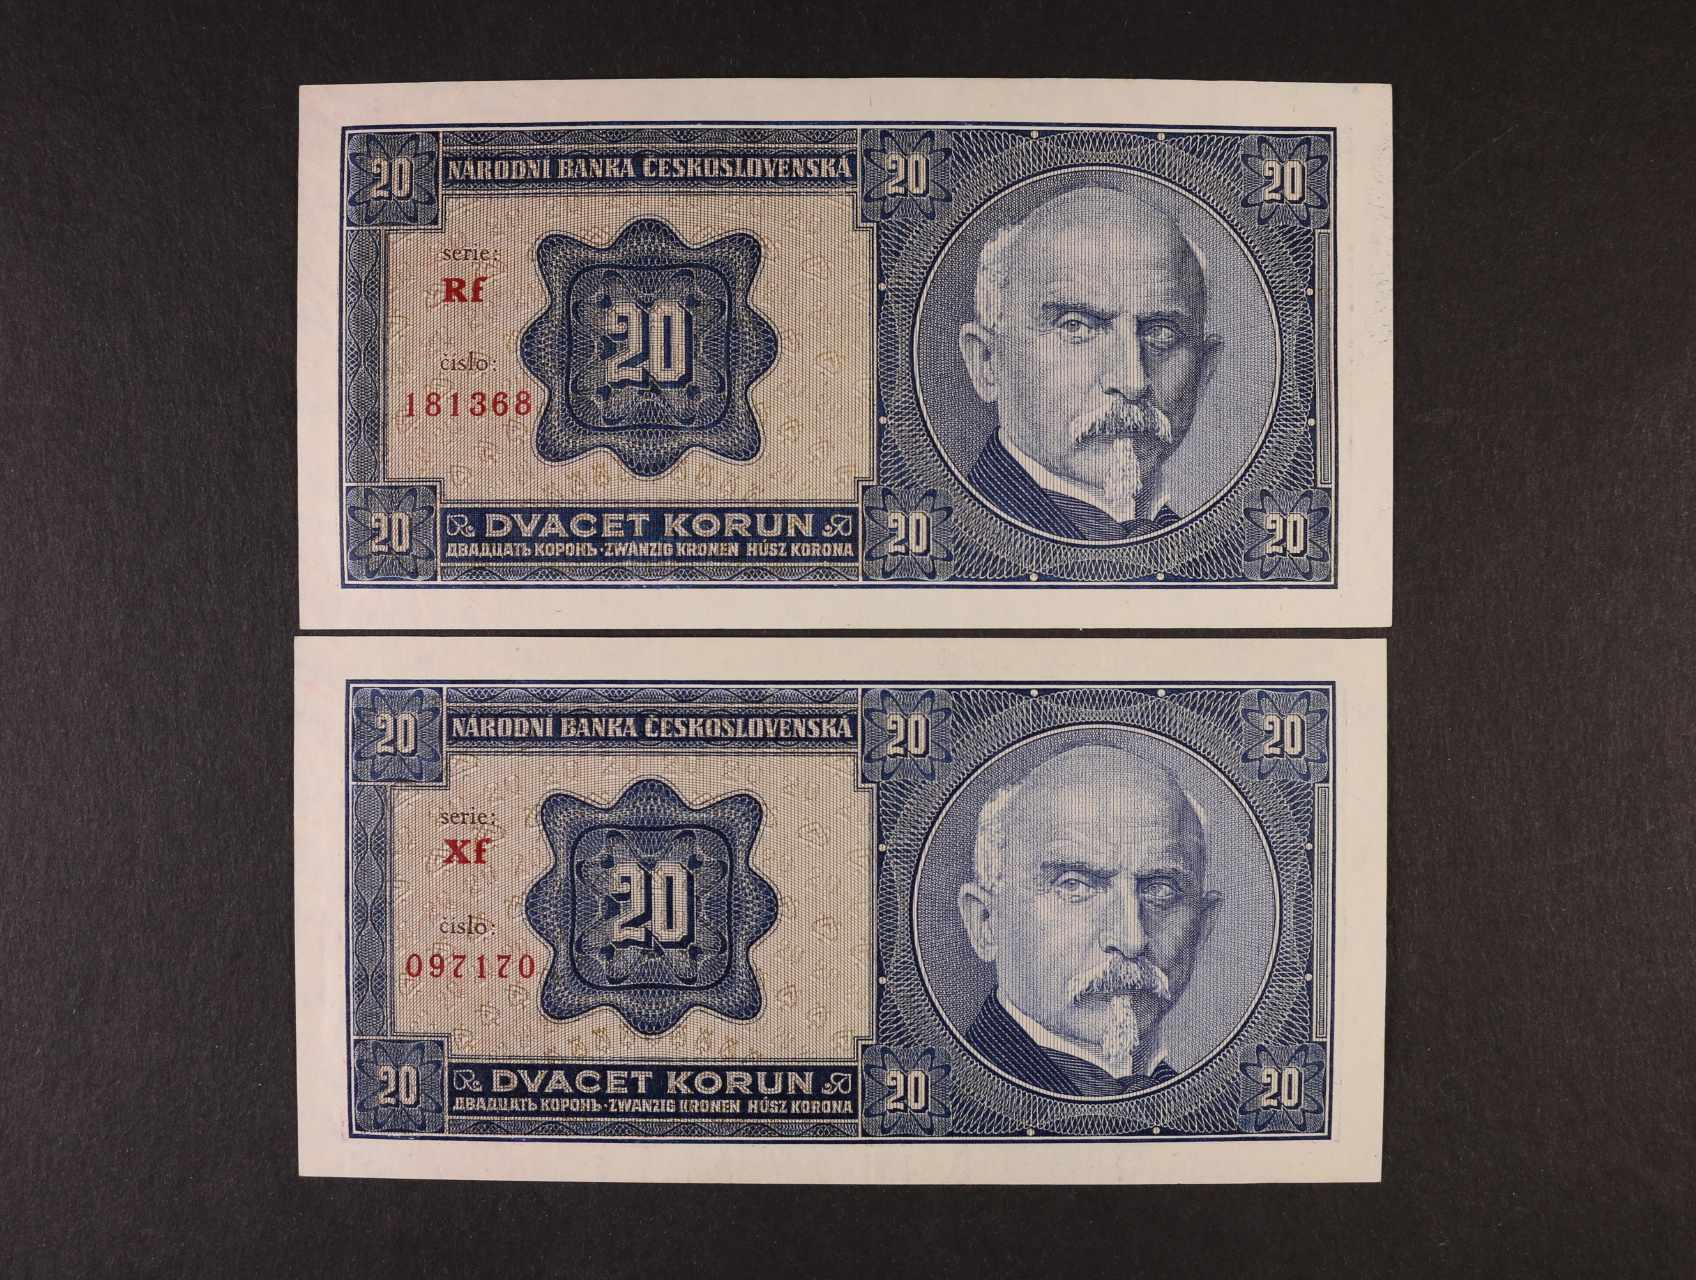 20 Kč 1.10.1926 série Rf, Xf, Ba. 21b2, Pi. 21a, 2ks